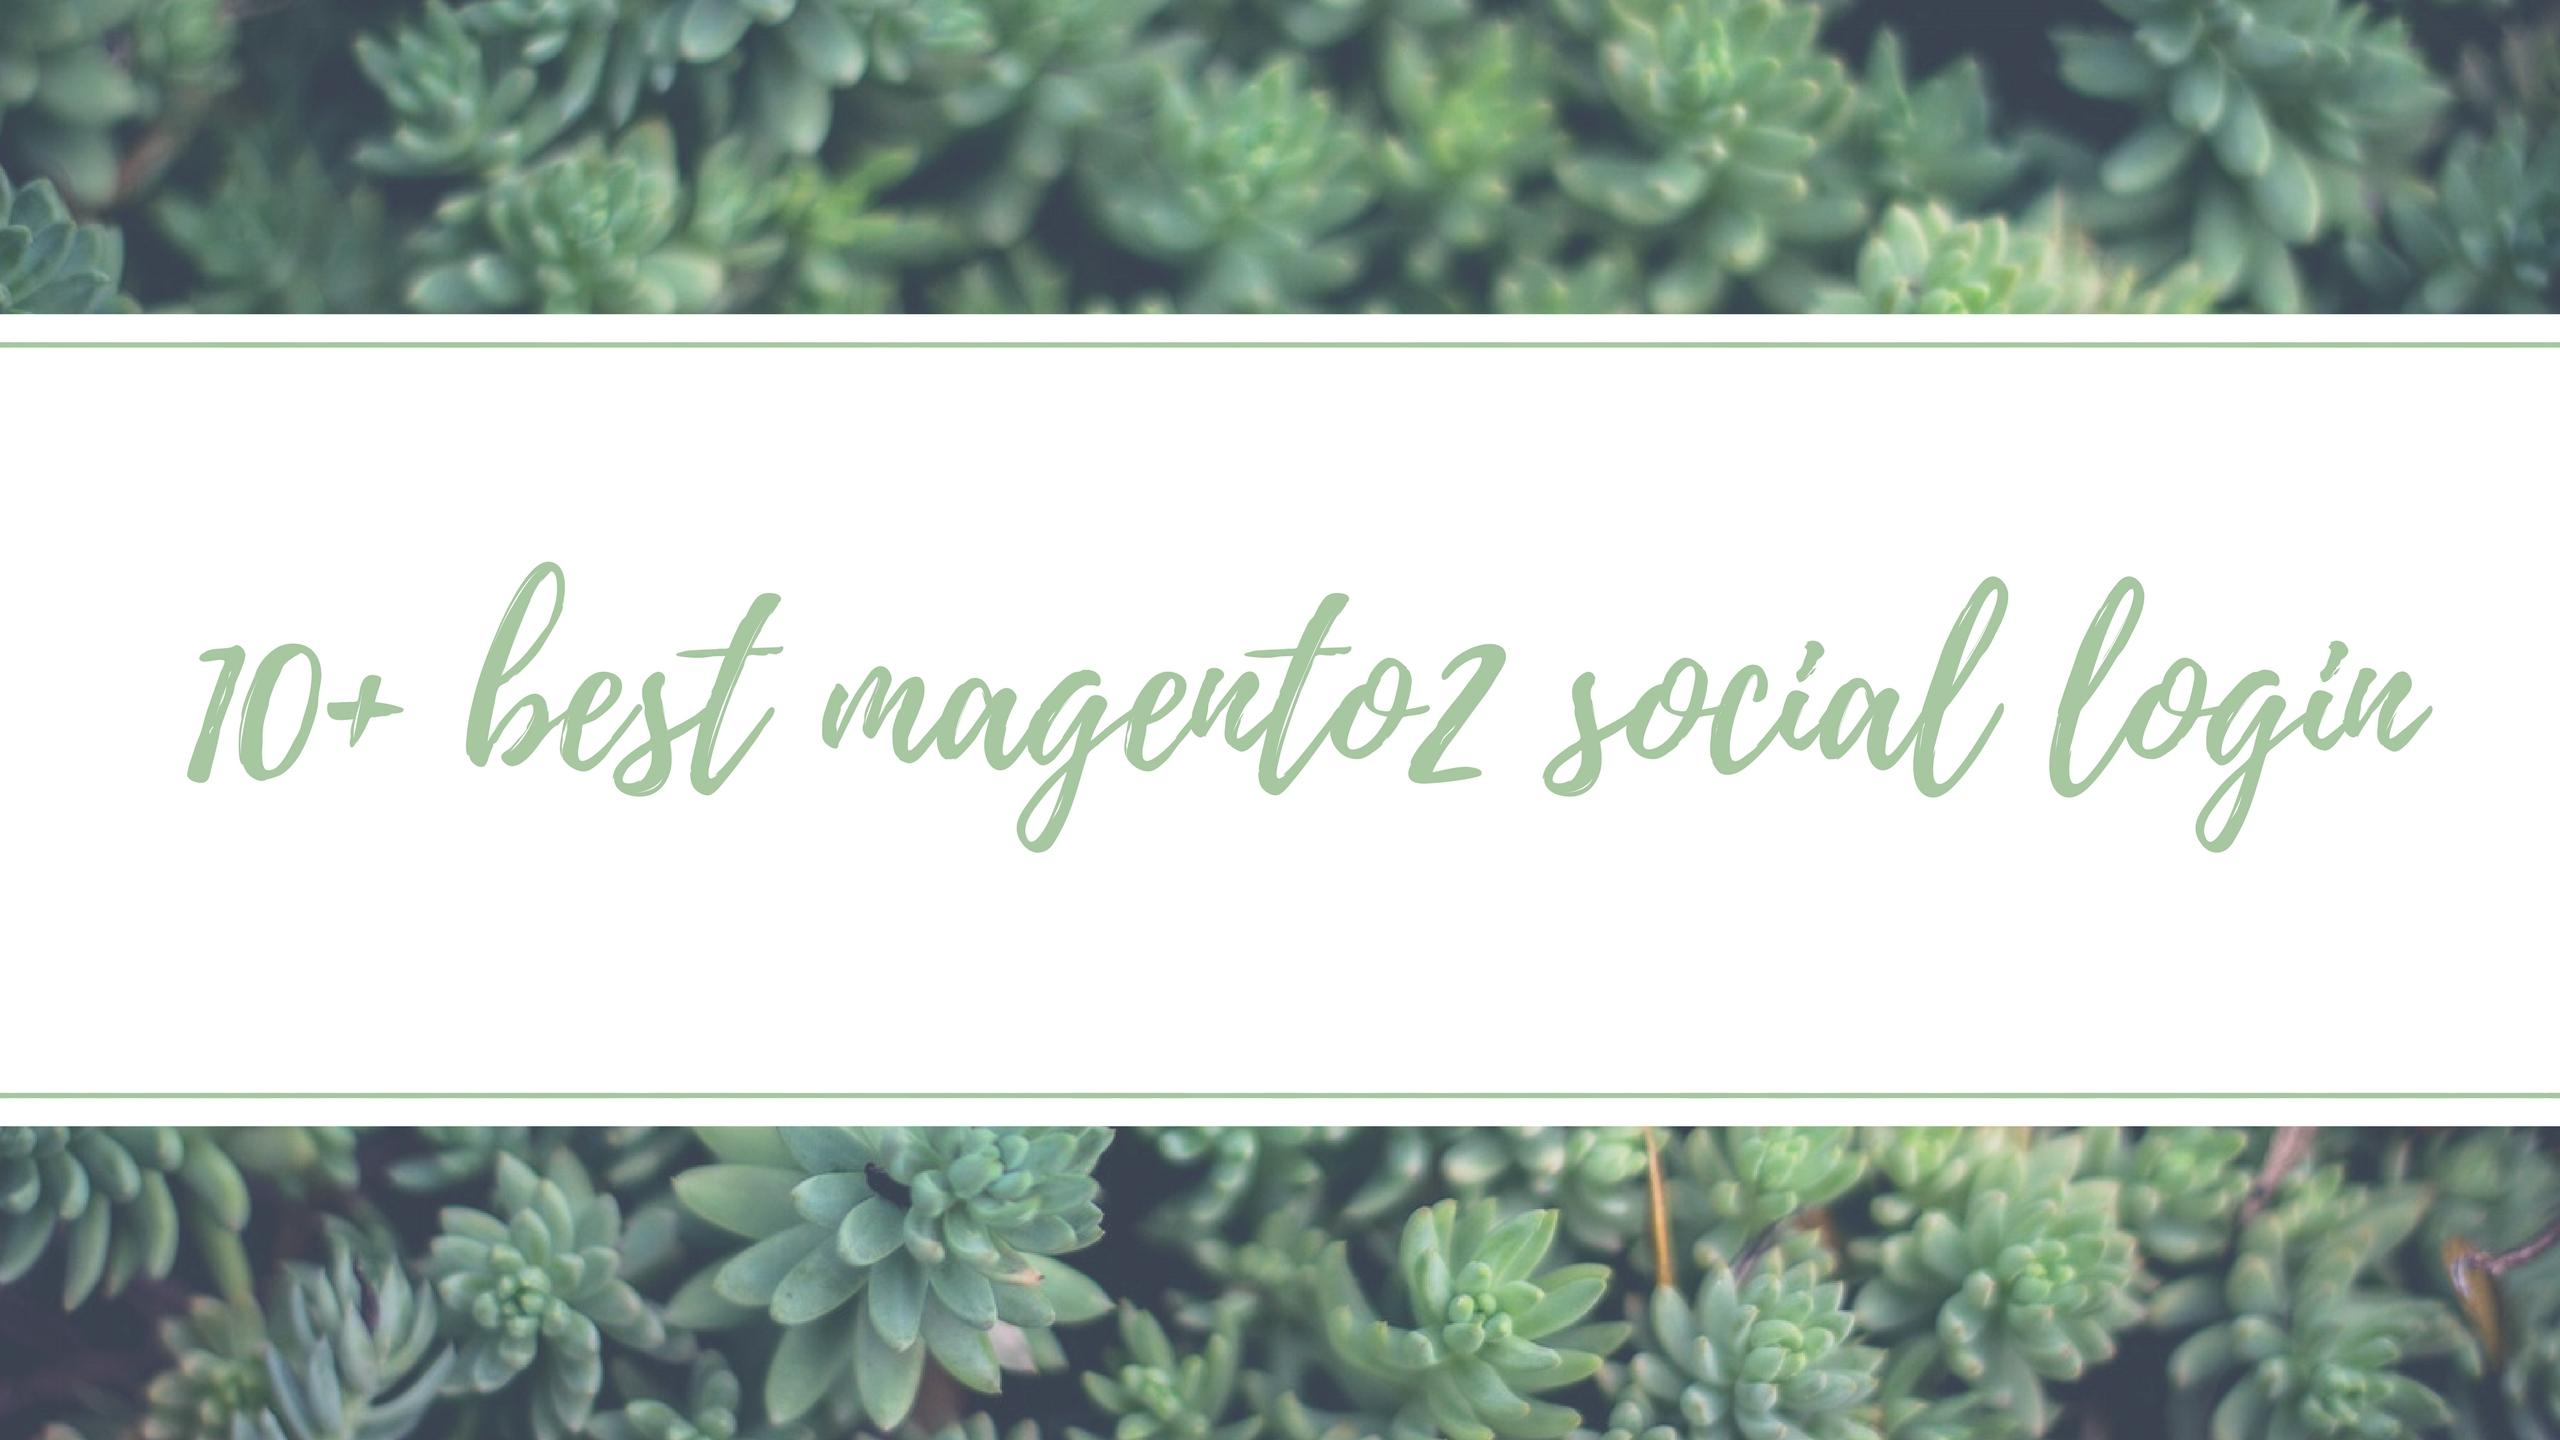 best magento 2 social login